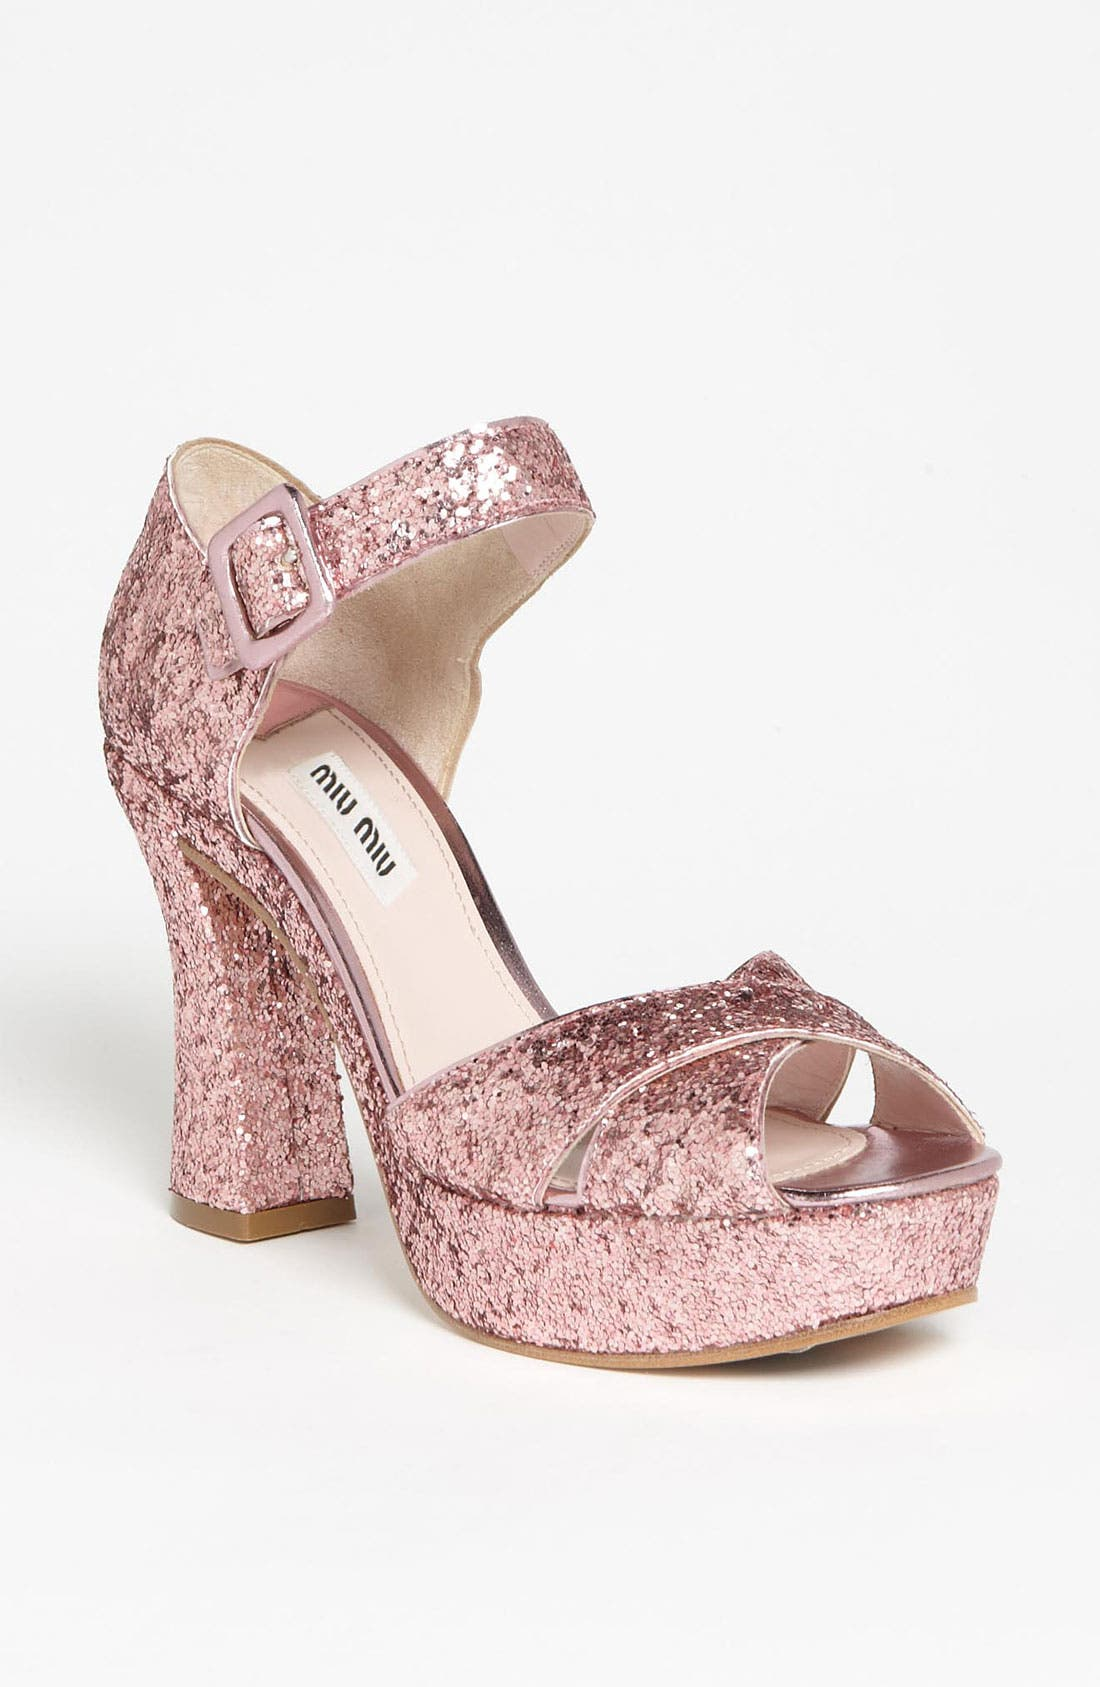 Main Image - Miu Miu Glitter Block Heel Sandal